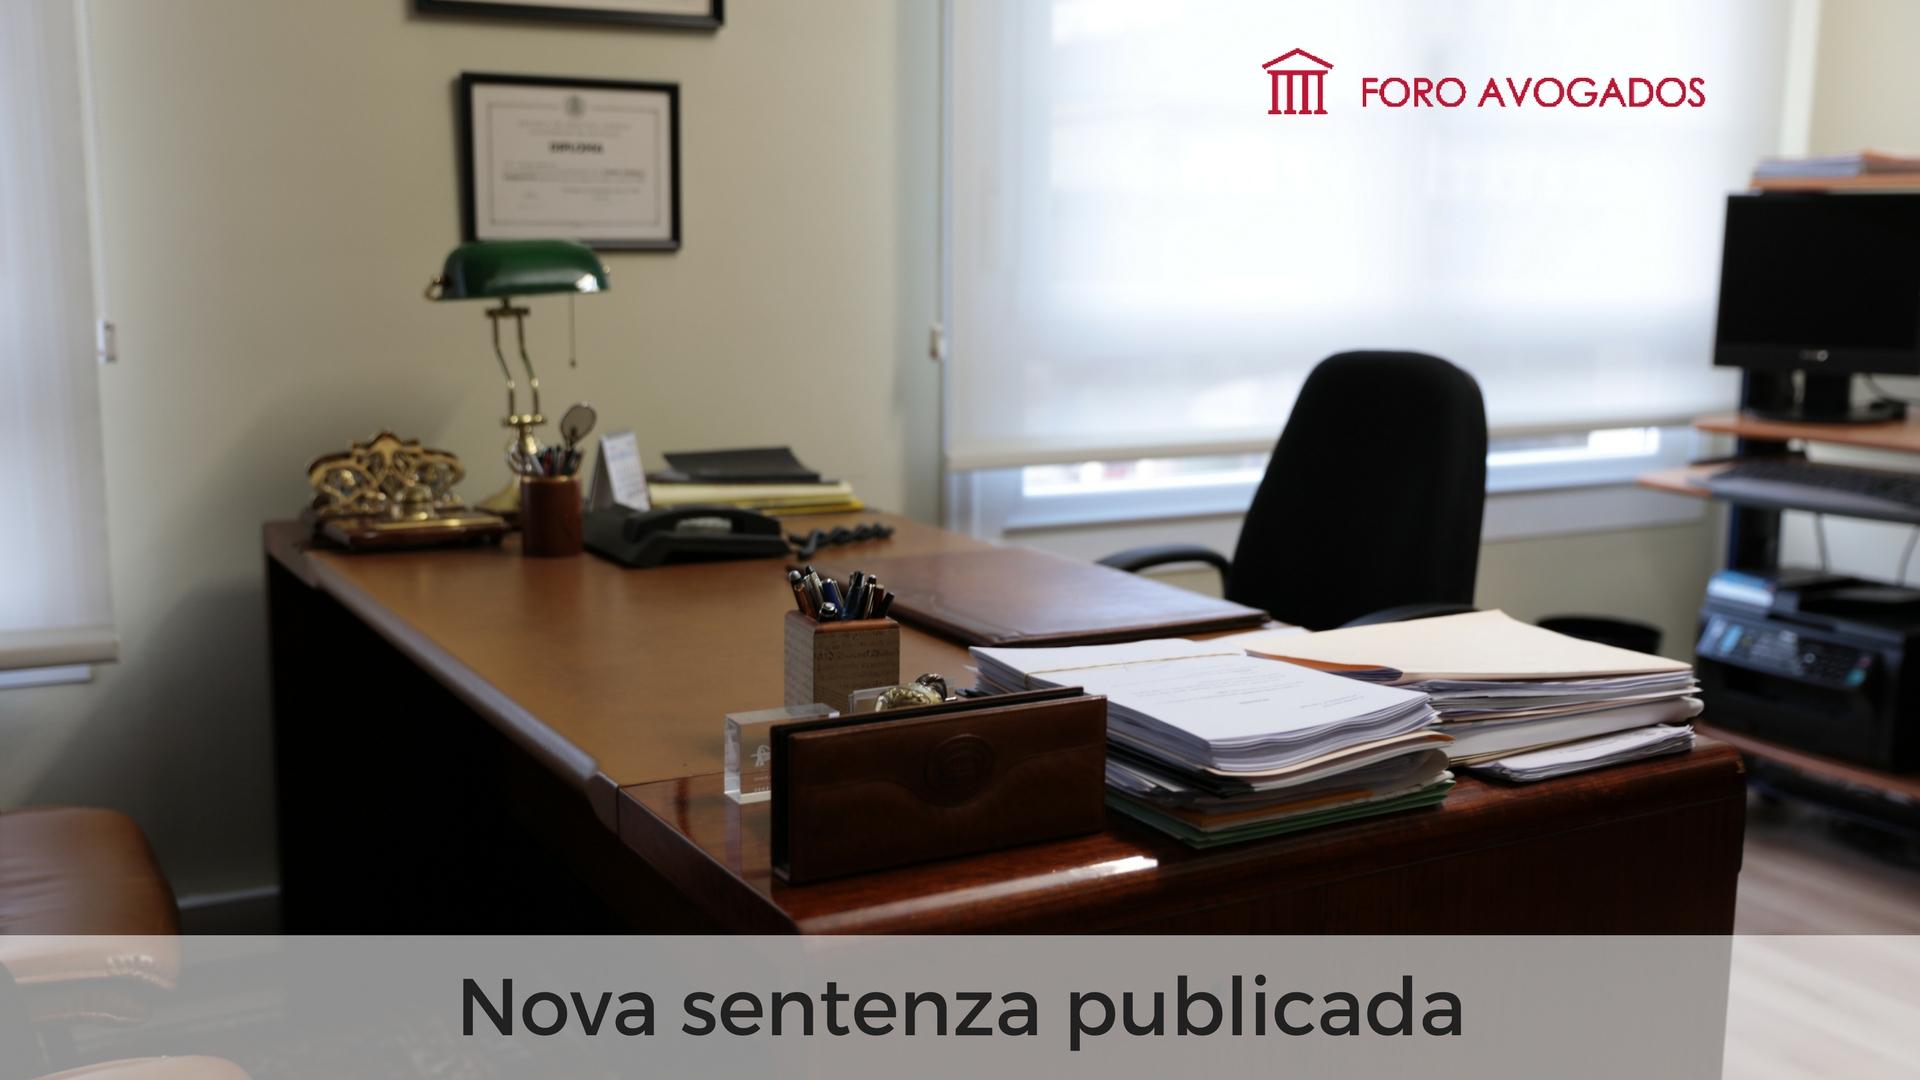 foto-sentenzas-blog-foro-avogados-1920